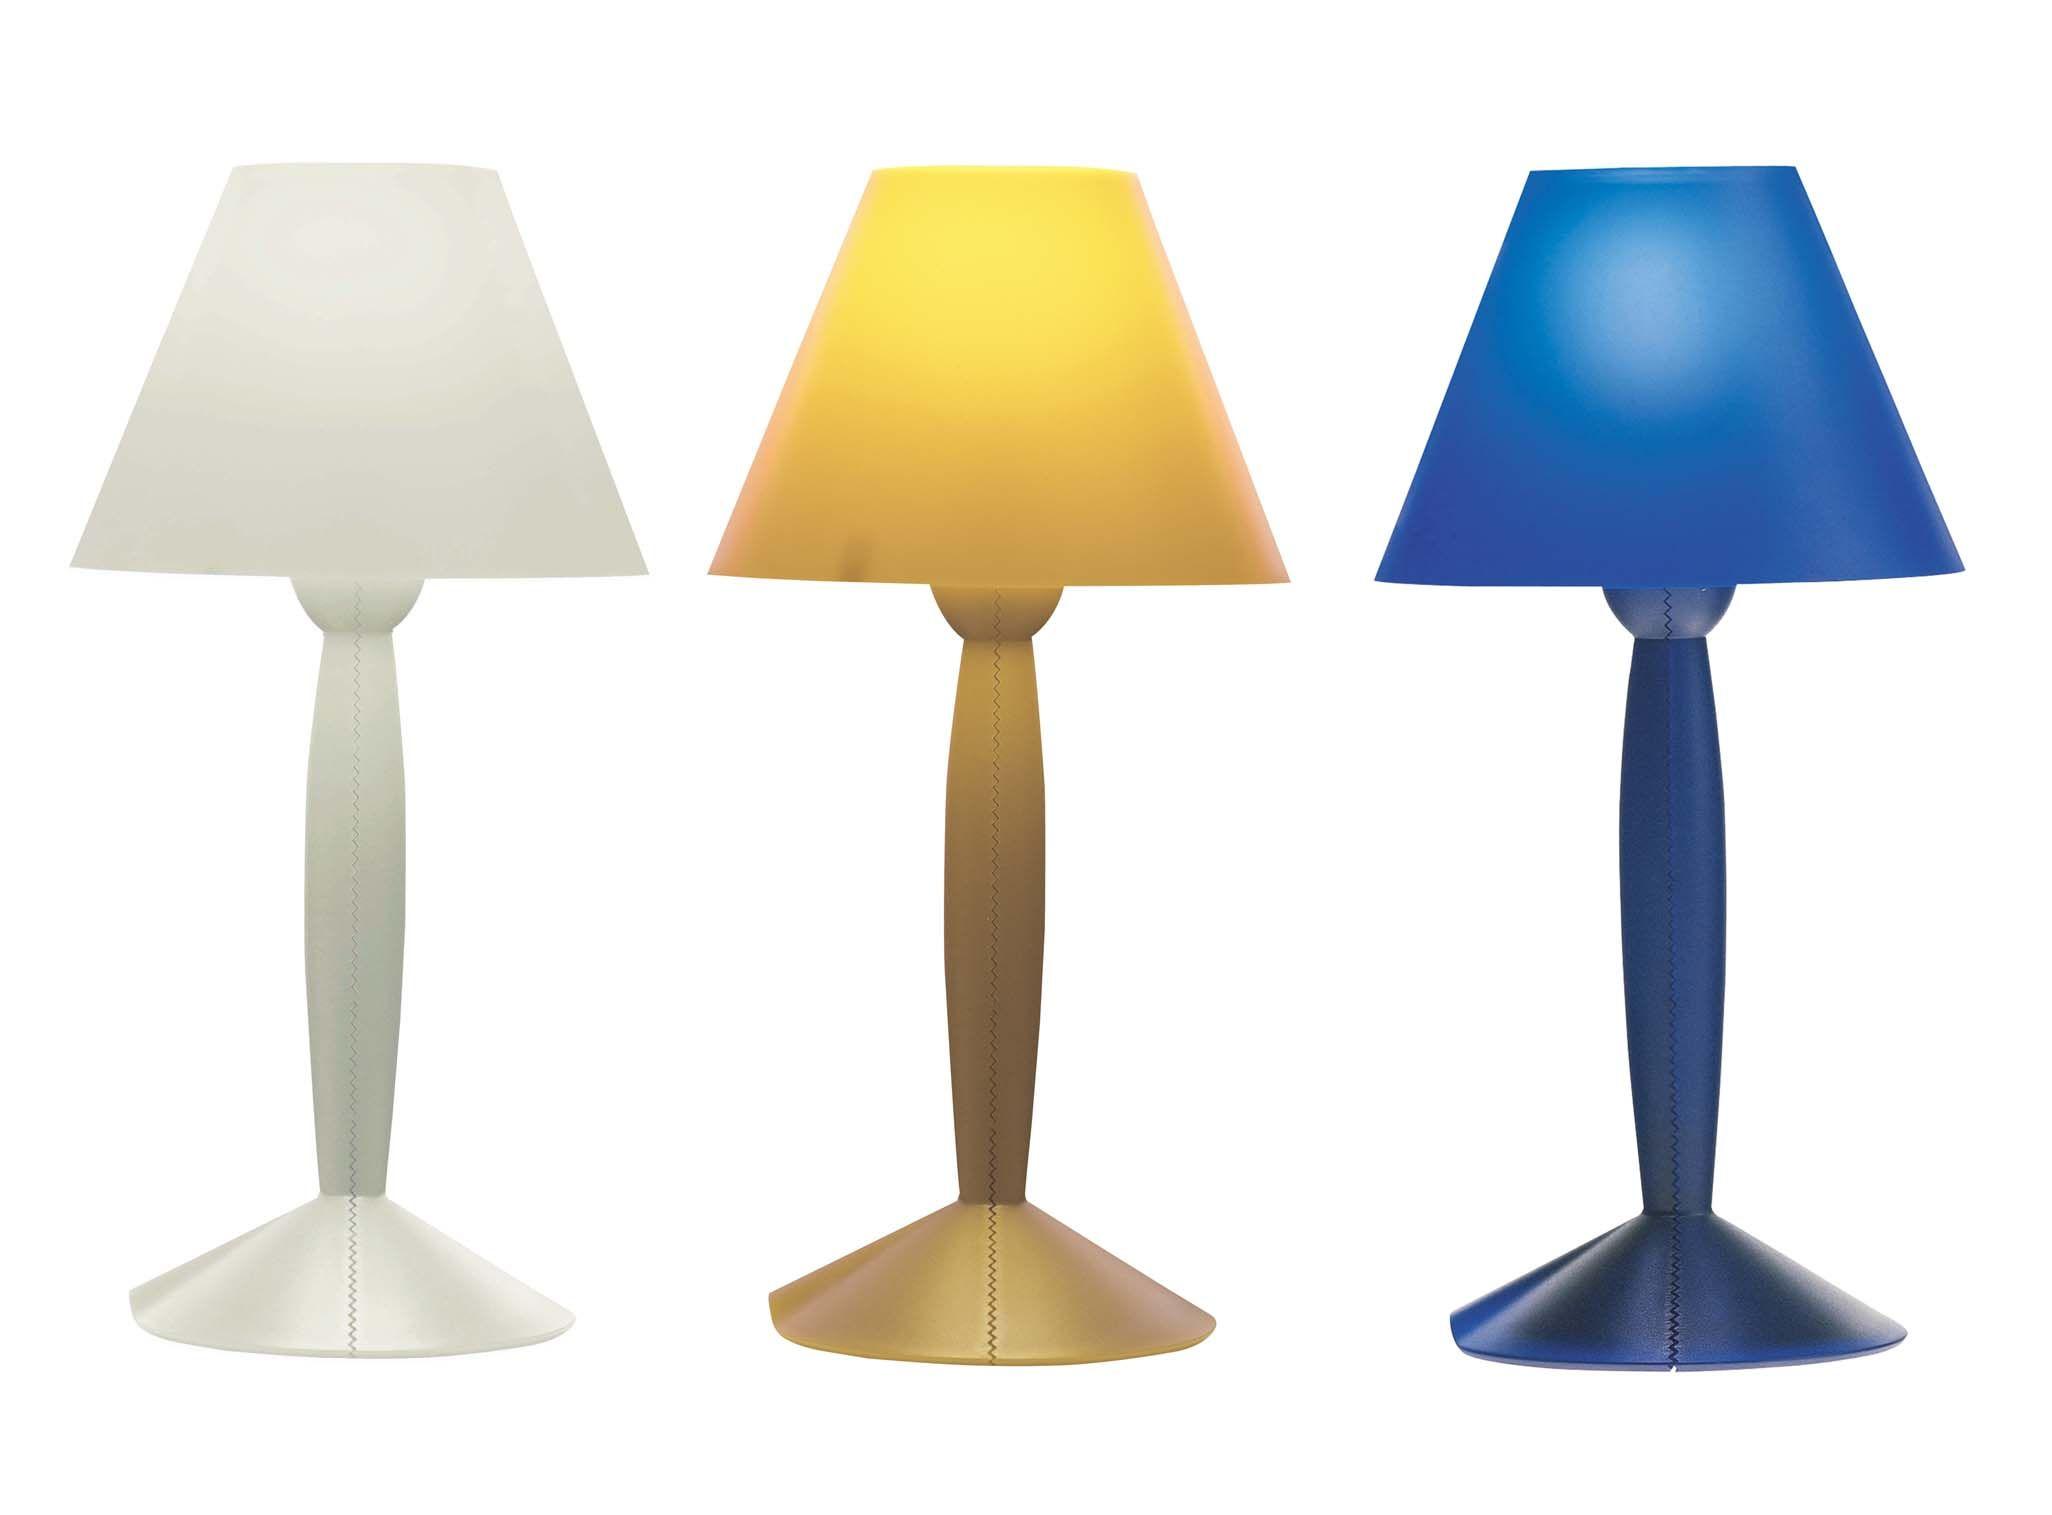 lampe de table miss sissi bleu flos. Black Bedroom Furniture Sets. Home Design Ideas